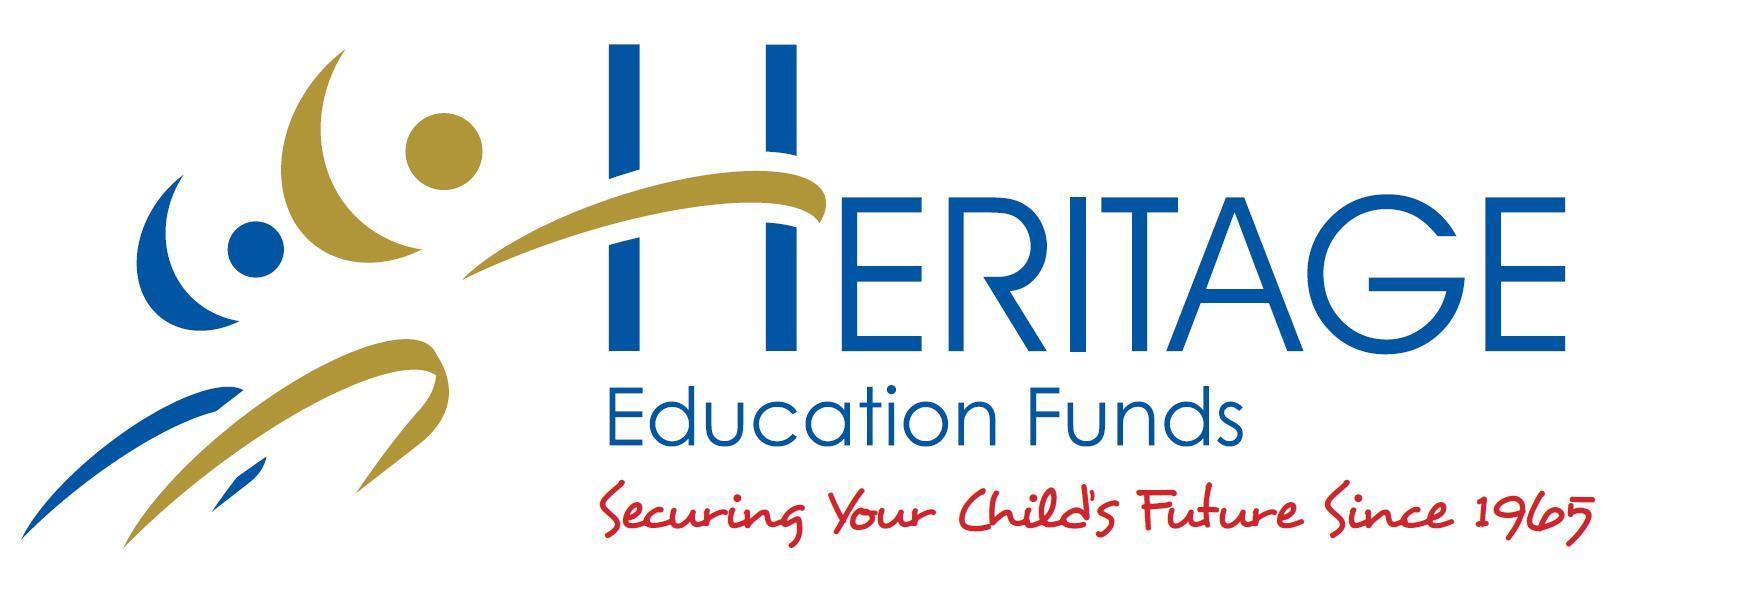 Heritage Education Funds Caroline Rhea